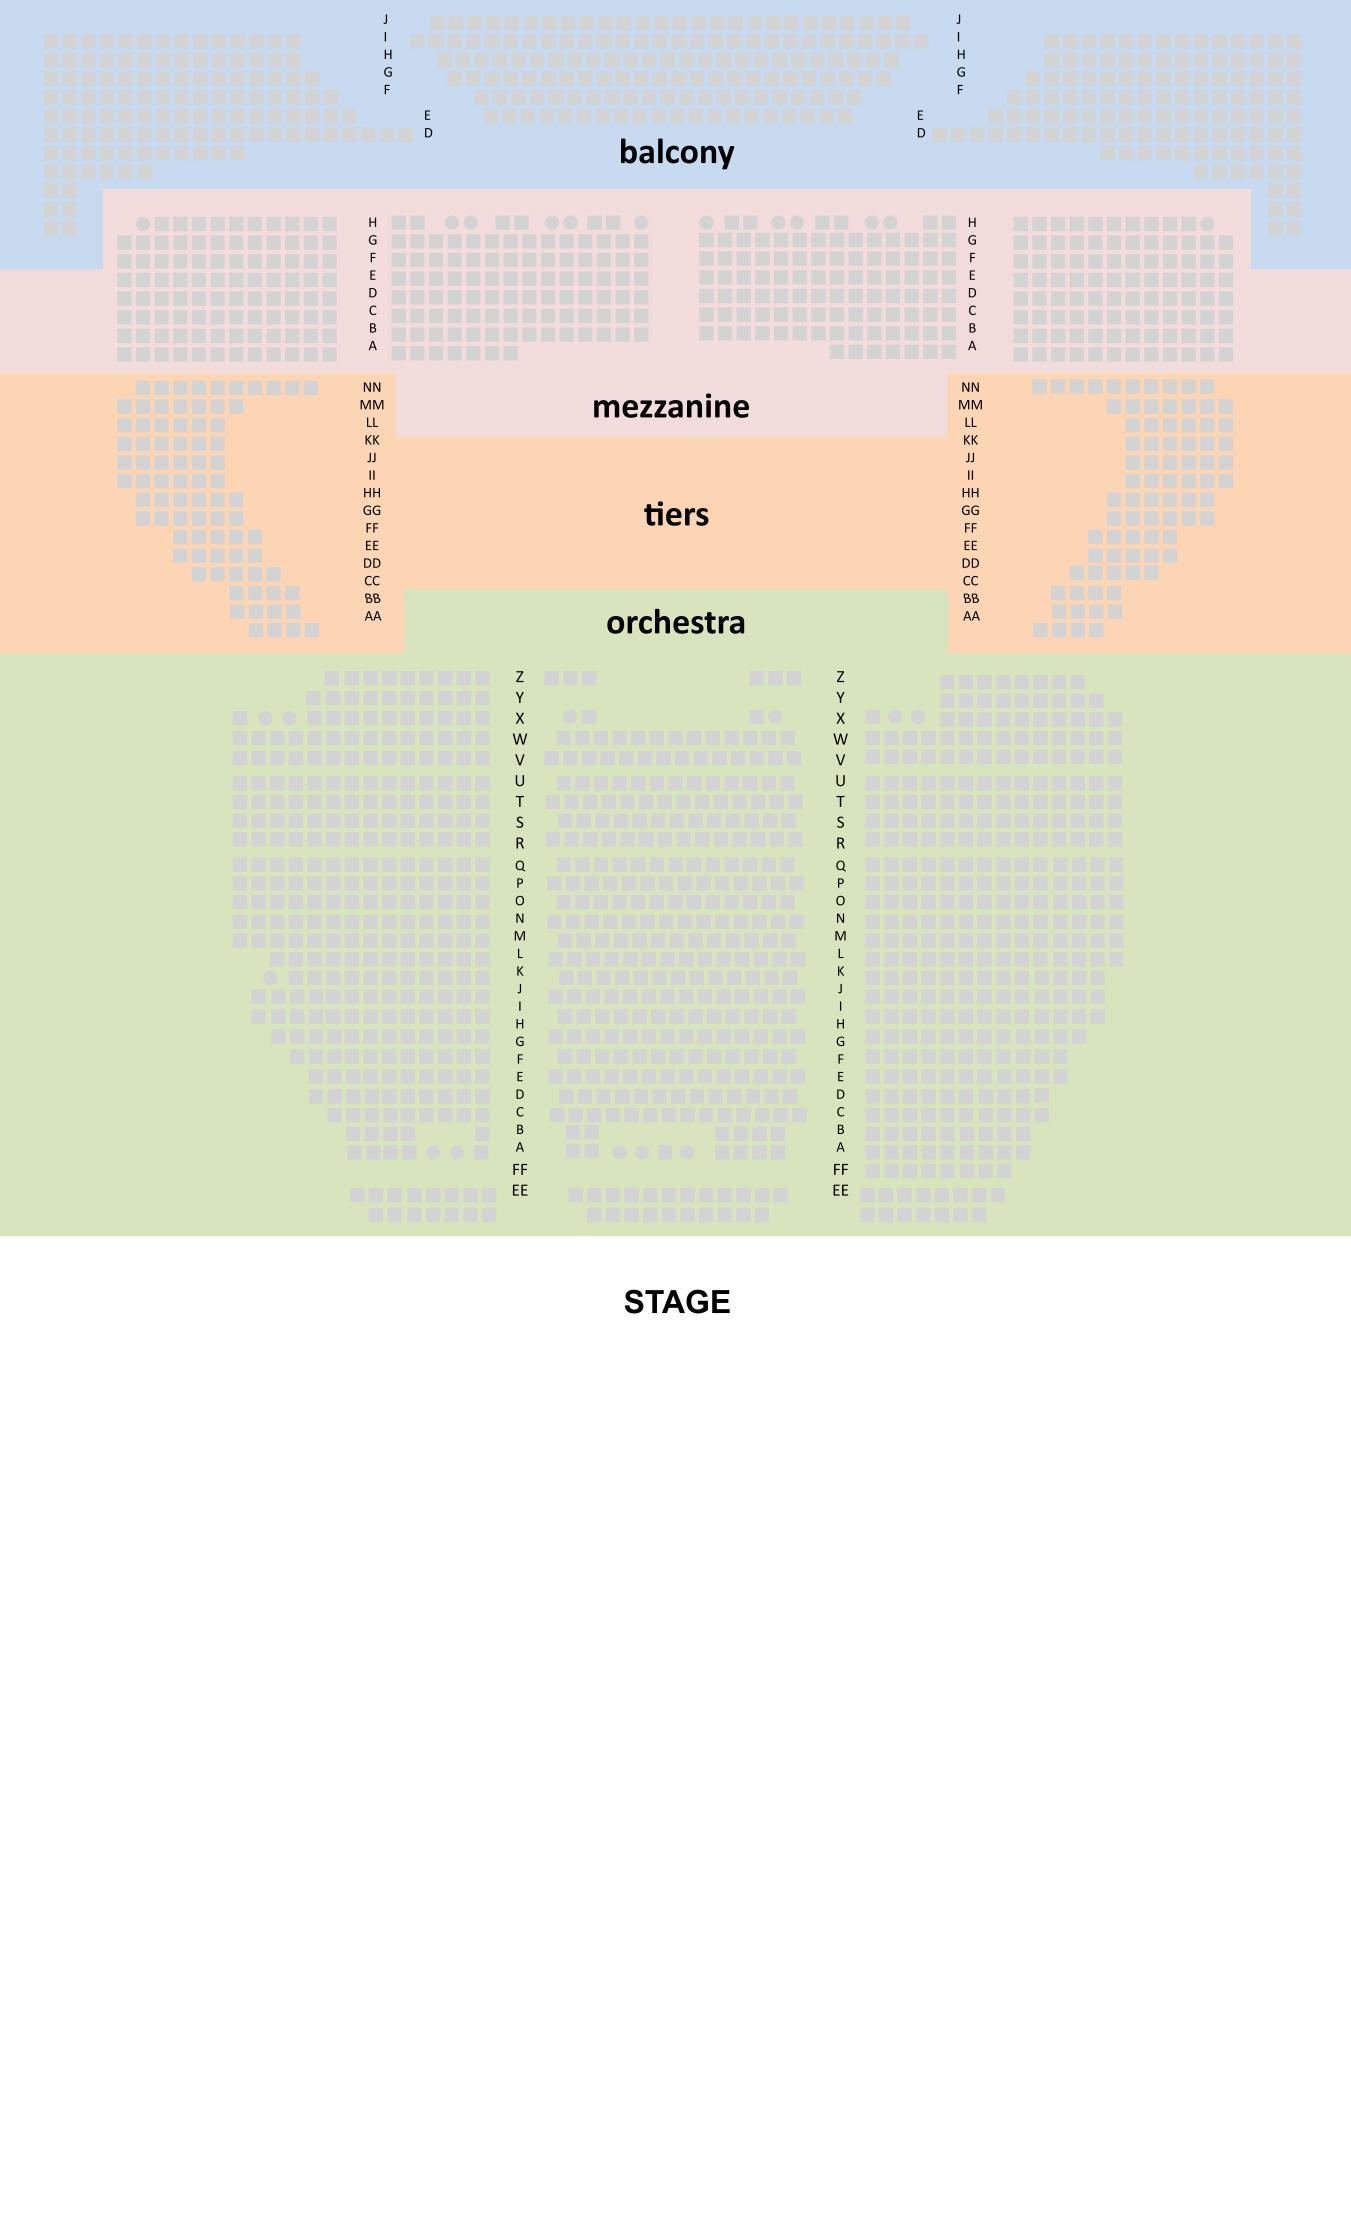 Seating Chart berkeleysymphony seatingchart Zellerbach Hall 2014 seating berkeley symphony tickets Berkeley Symphony